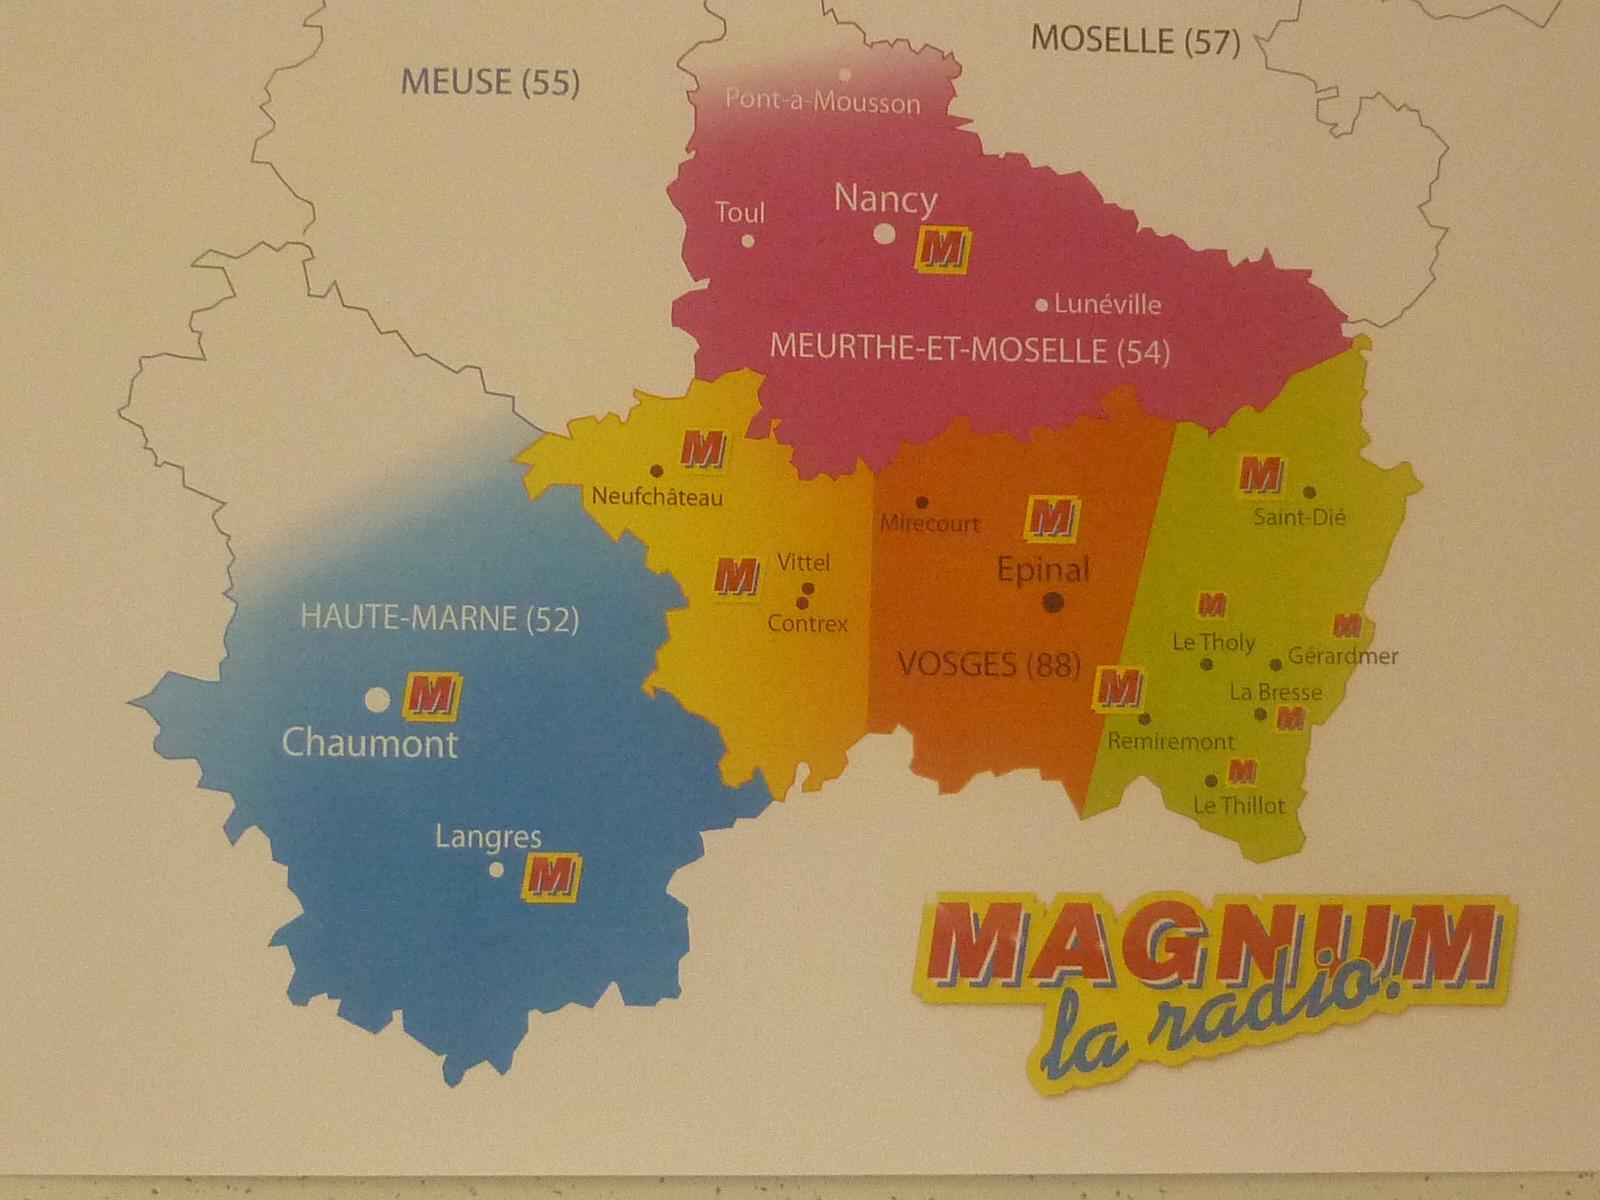 Carte des lieux de diffusion de Magnum